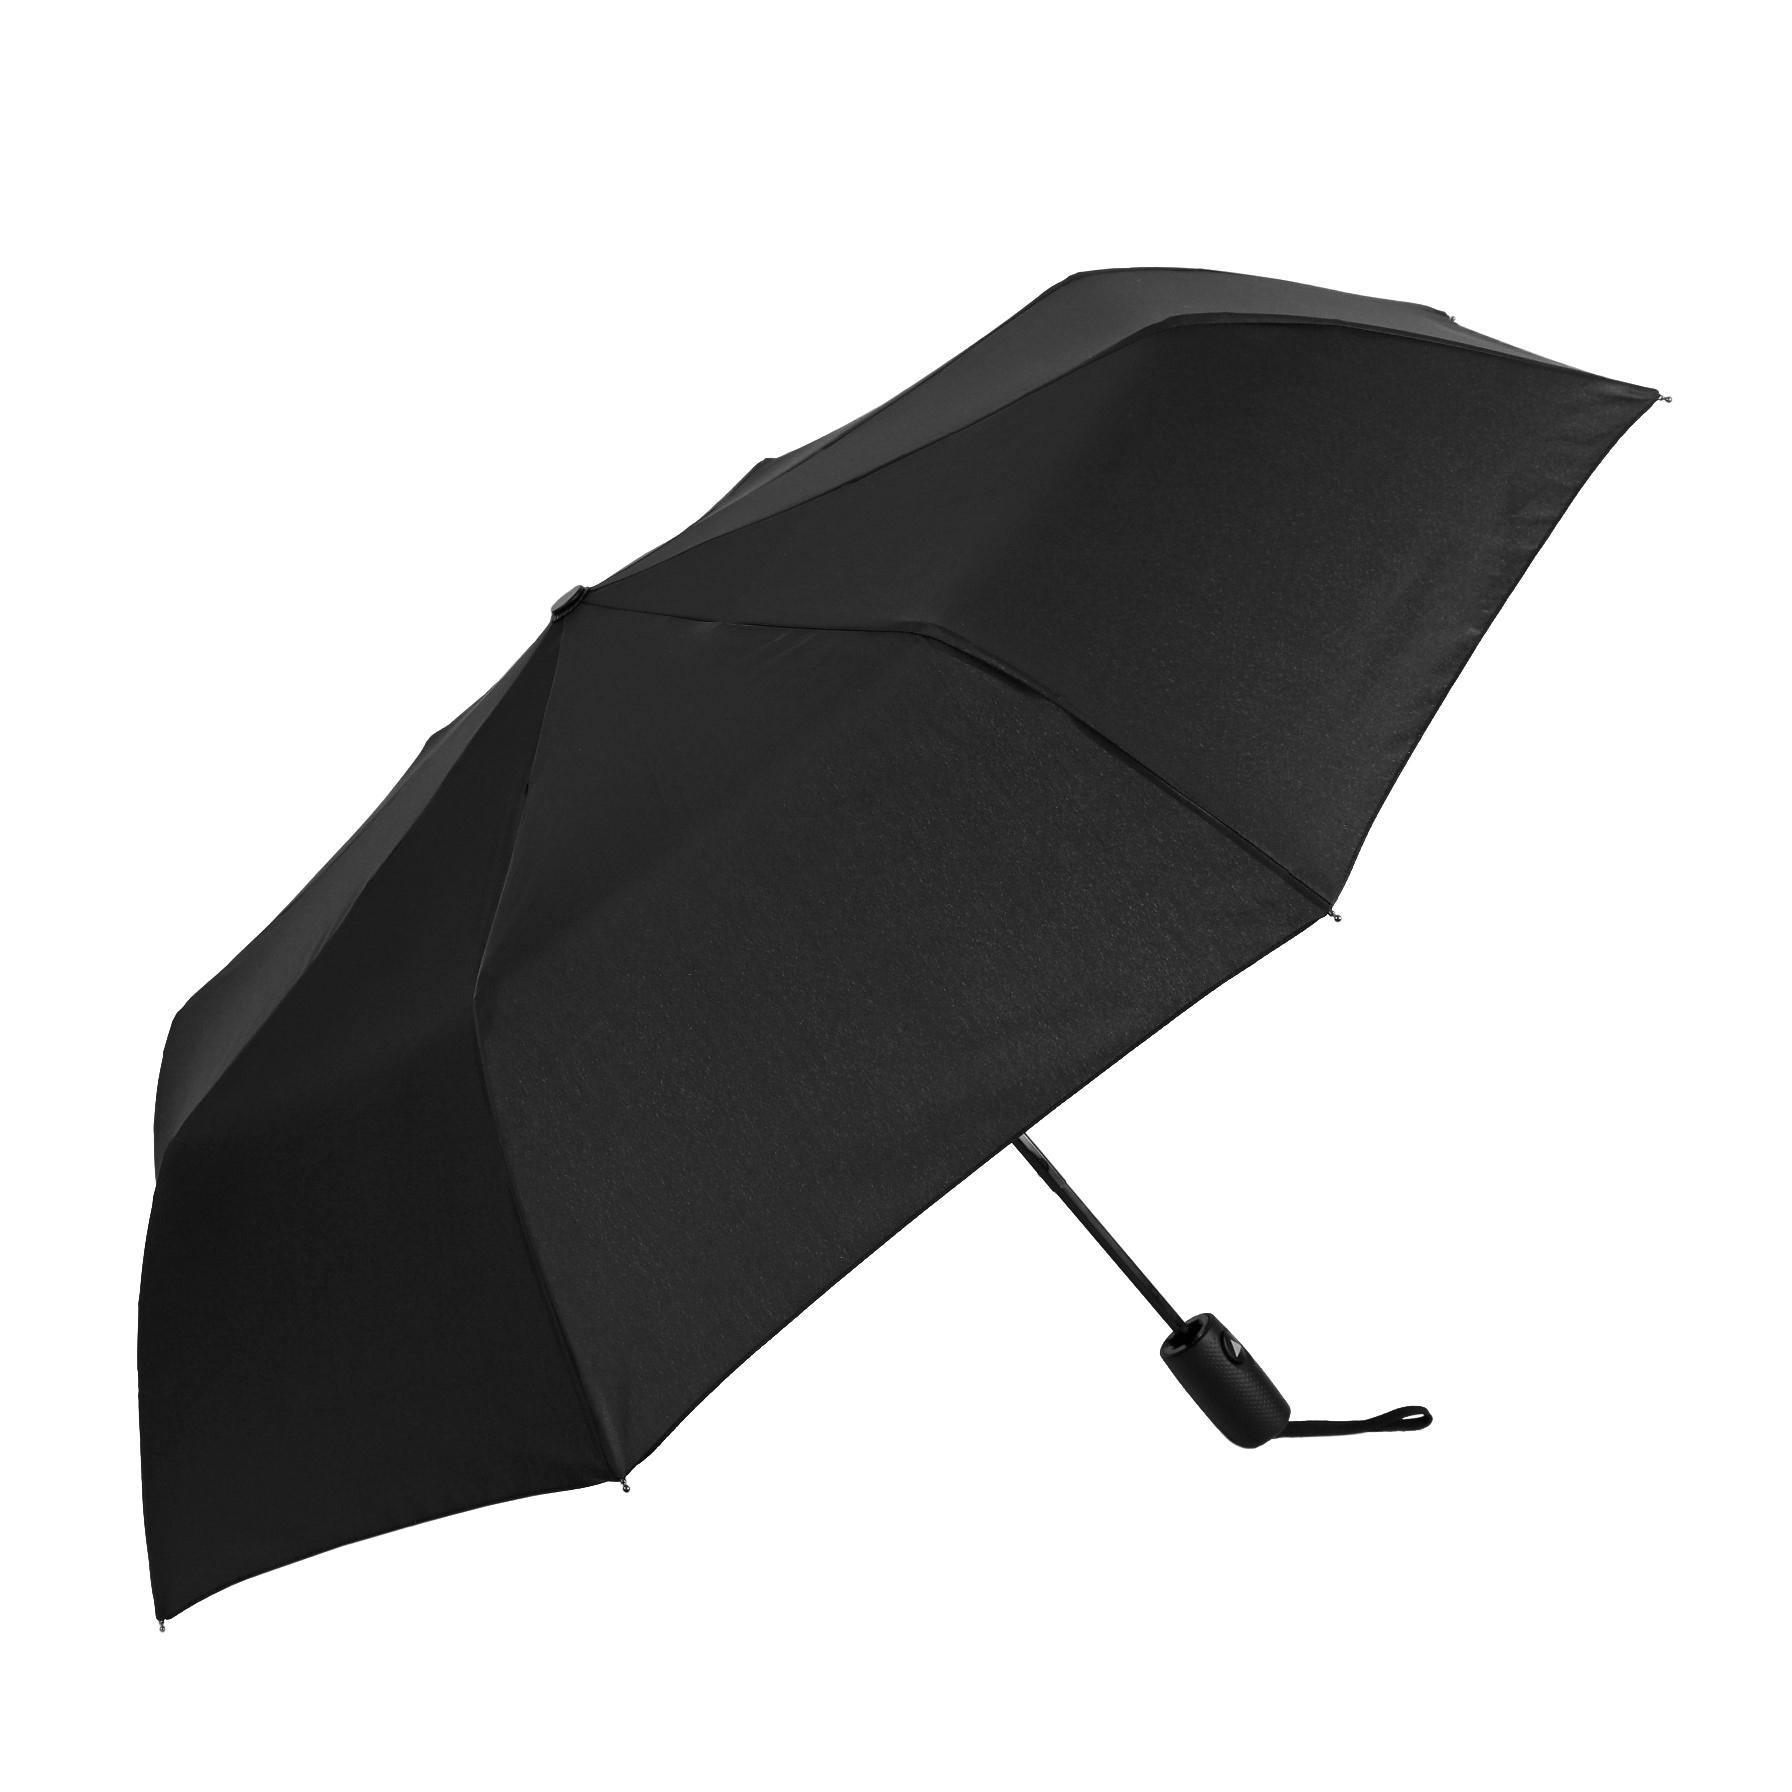 Зонт полуавтомат Sima мужской Однотонный 3 сложения